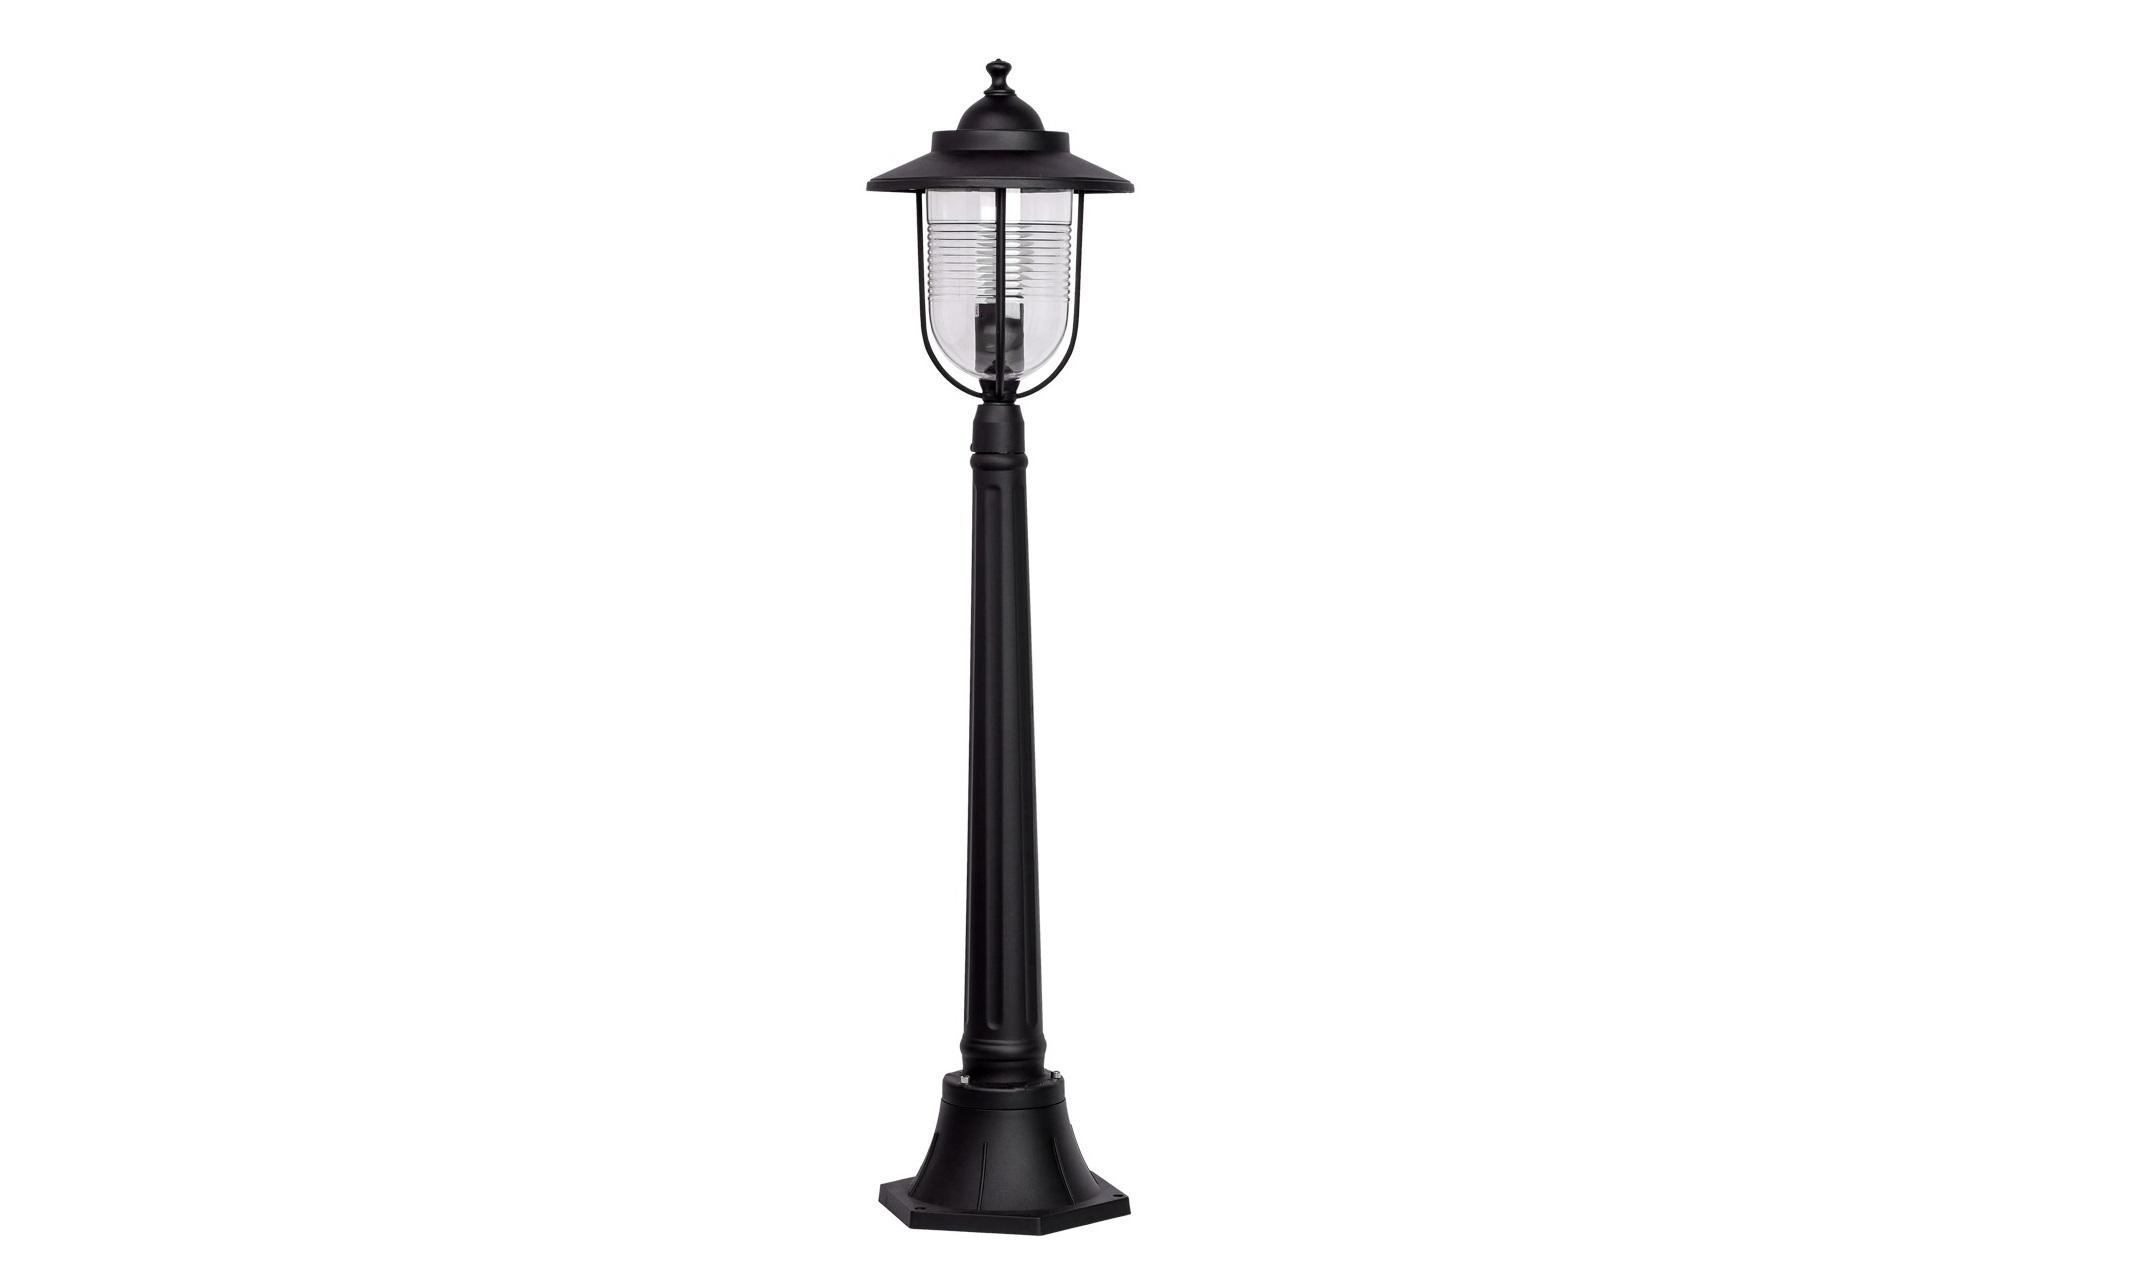 Уличный светильник ЛастерУличные наземные светильники<br>&amp;lt;div&amp;gt;Новые модели уличных светильников из коллекции Ластер будет прекрасным световым дополнением на Вашем загородном участке. Металлическое основание чёрного цвета с небольшим декоративным колпаком отлично сочетается с плафоном из облегчённого акрила округлой формы. Светильник Ластер имеет высокую степень защиты (IP44), что является одним из главных плюсов при его эксплуатации. Выгодное соотношение цены и качества обеспечит этому светильнику долгий срок службы и станет очень выгодной покупкой.&amp;lt;/div&amp;gt;&amp;lt;div&amp;gt;Основание из алюминия черного цвета, плафон из ударопрочного акрила.&amp;lt;/div&amp;gt;&amp;lt;div&amp;gt;&amp;lt;br&amp;gt;&amp;lt;/div&amp;gt;&amp;lt;div&amp;gt;Мощность 1*95W&amp;lt;/div&amp;gt;&amp;lt;div&amp;gt;Цоколь E27&amp;lt;/div&amp;gt;&amp;lt;div&amp;gt;Степень защиты от влаги и пыли IP44&amp;lt;/div&amp;gt;<br><br>Material: Алюминий<br>Высота см: 107